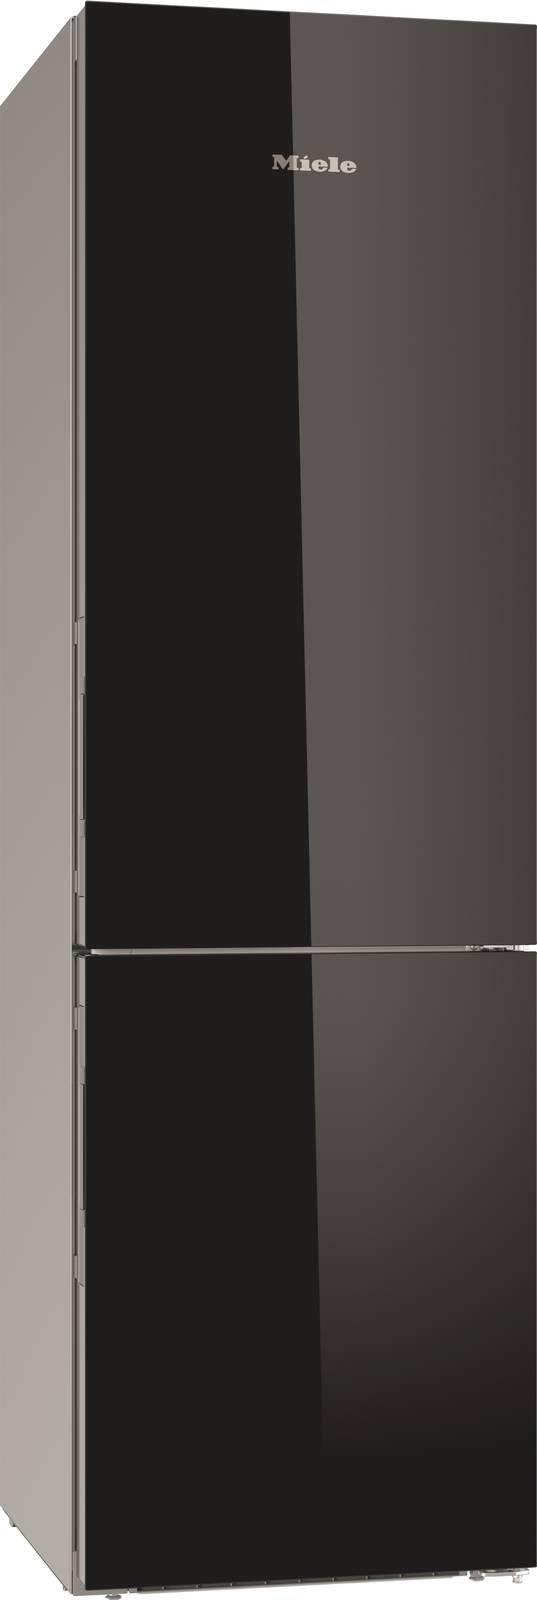 Miele KFN 29683 D OBSW frigorifero combinato